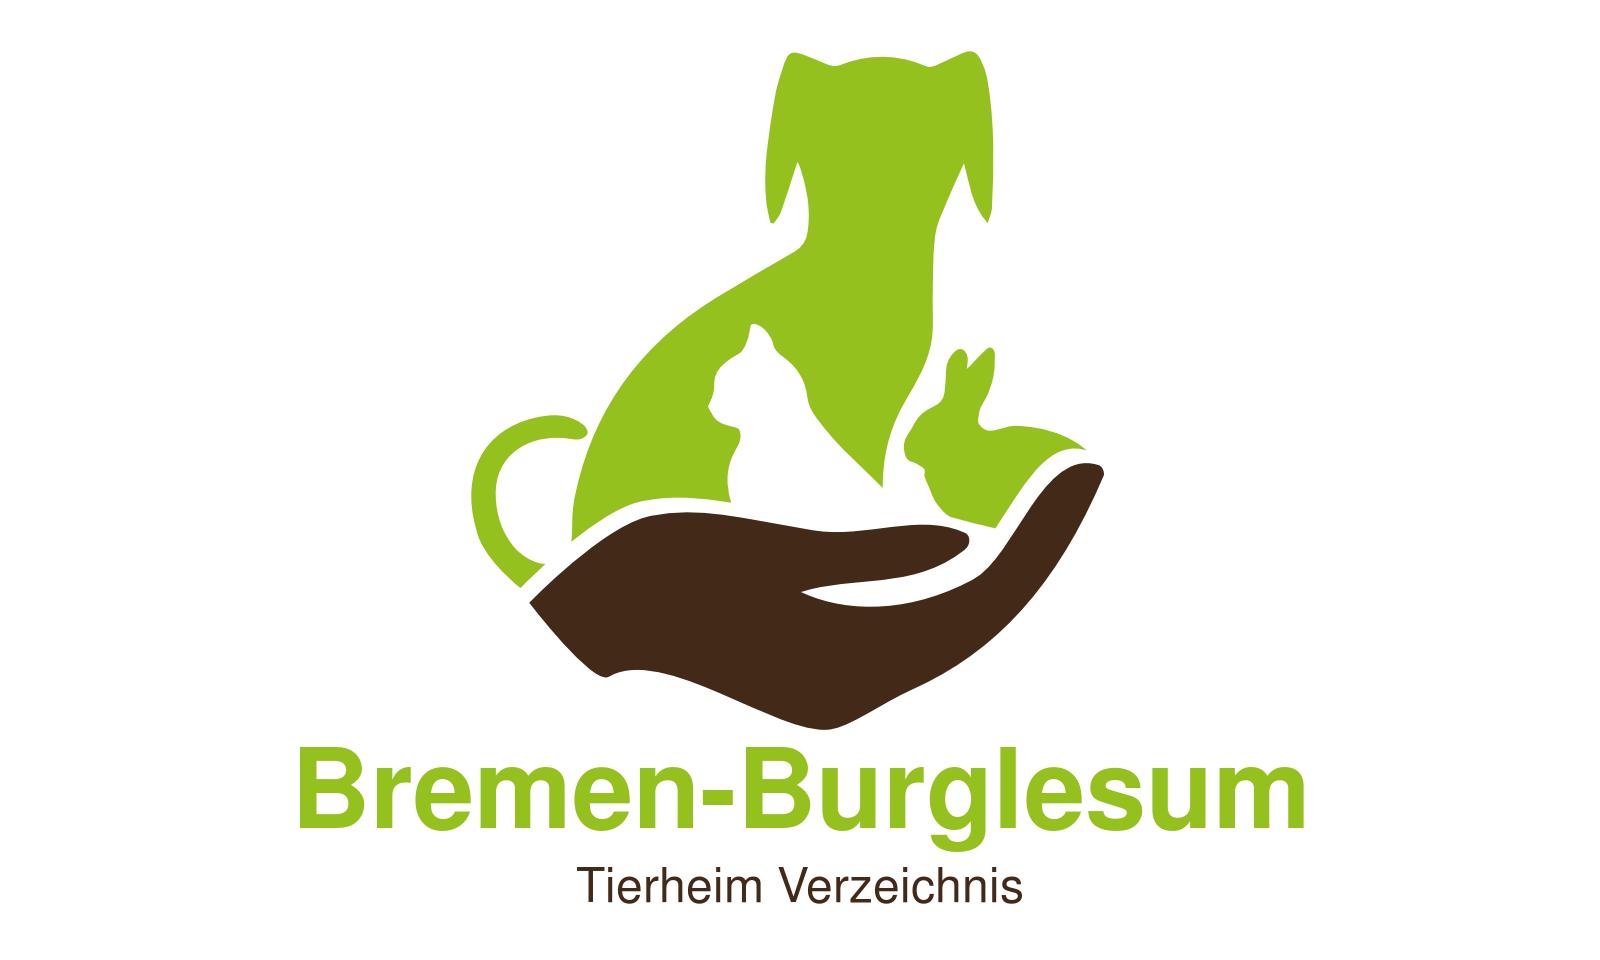 Tierheim Bremen Burglesum